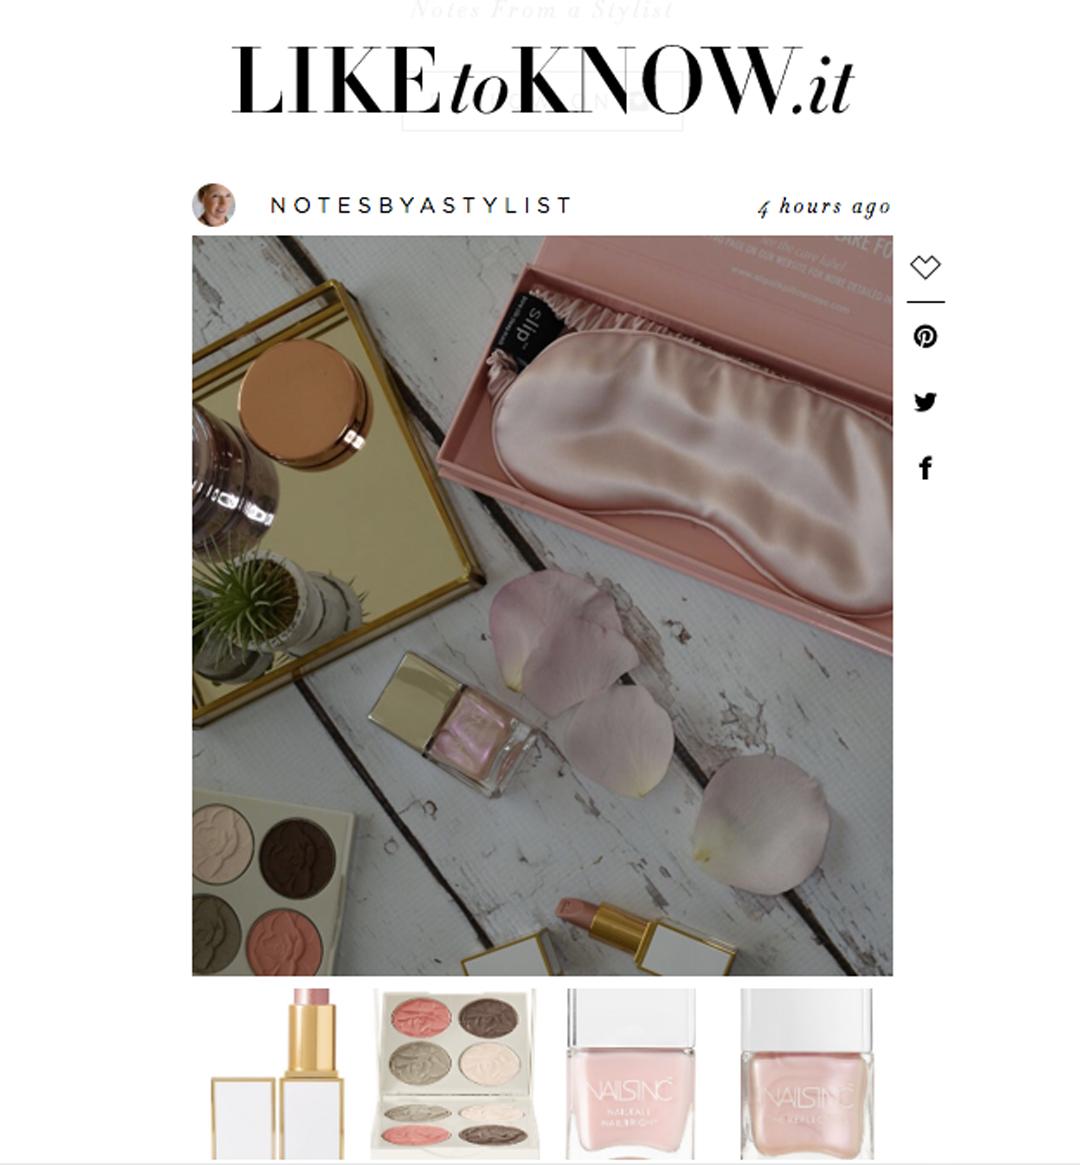 shop Instagram with LIKEtoKNOW.it